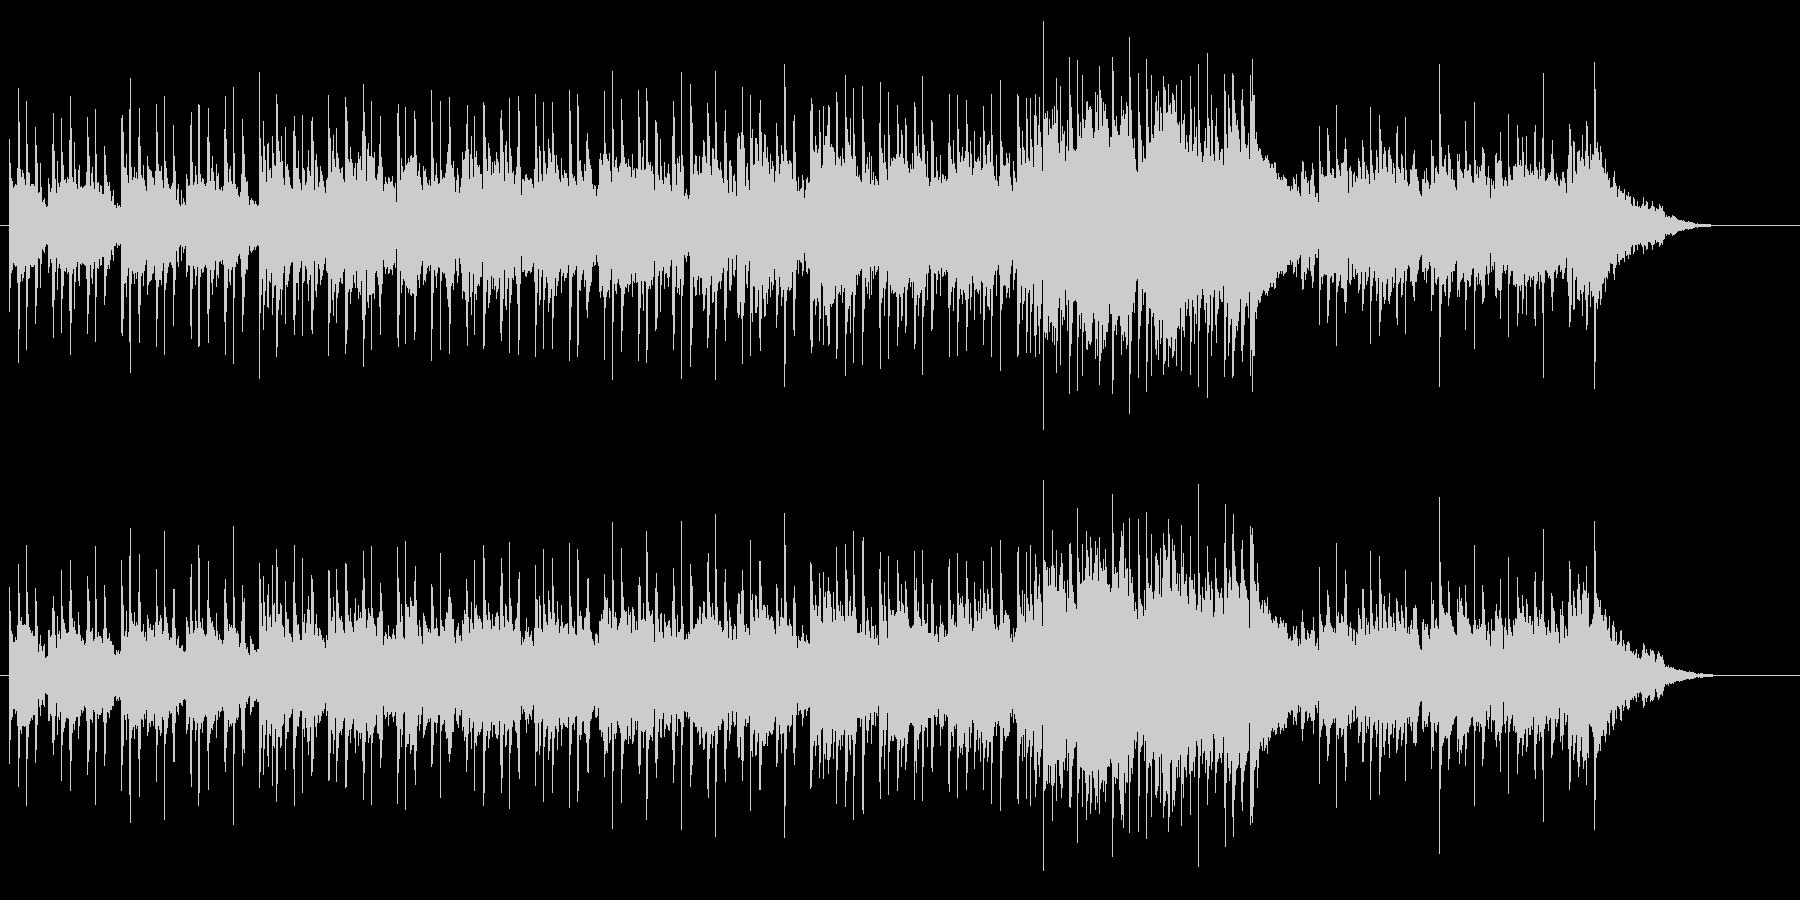 コラージュされたレゲエサウンドの未再生の波形